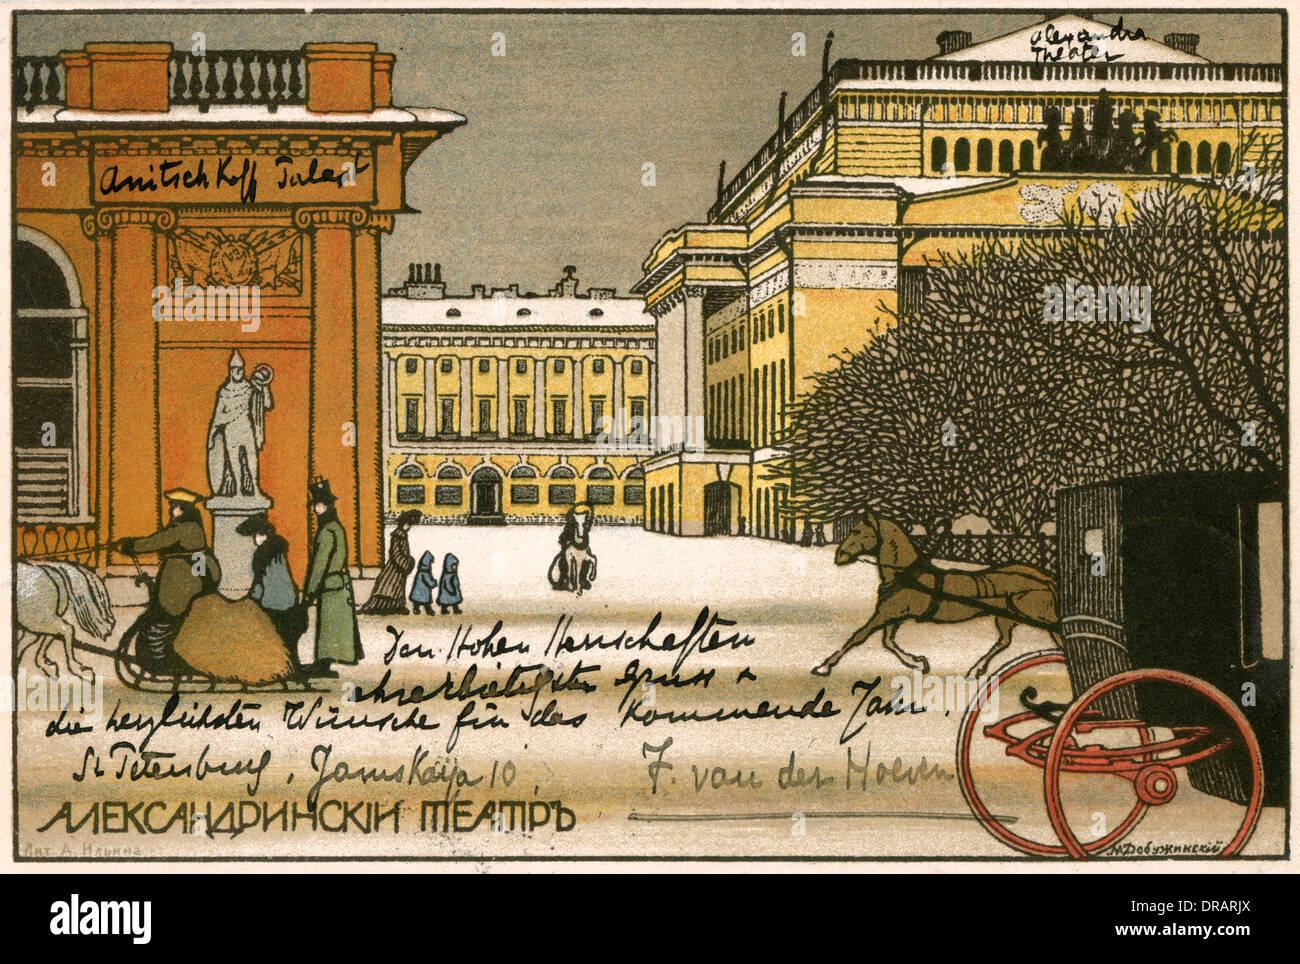 Alexandrinsky Theatre, St Petersburg, Russia - Stock Image